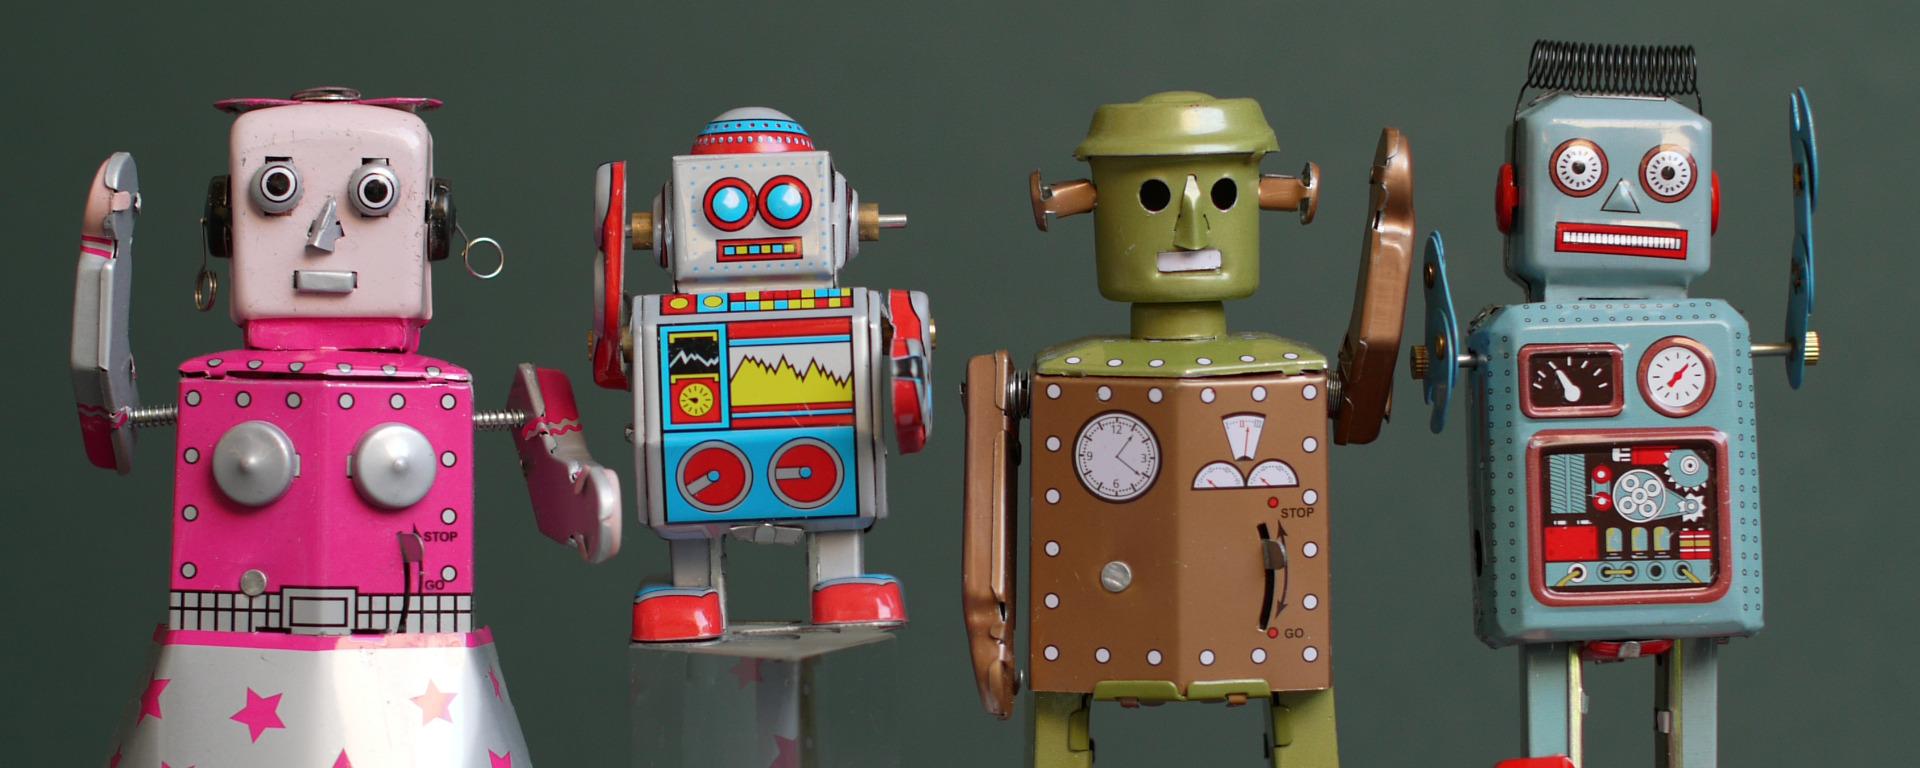 Wer ist der wahre Roboter?